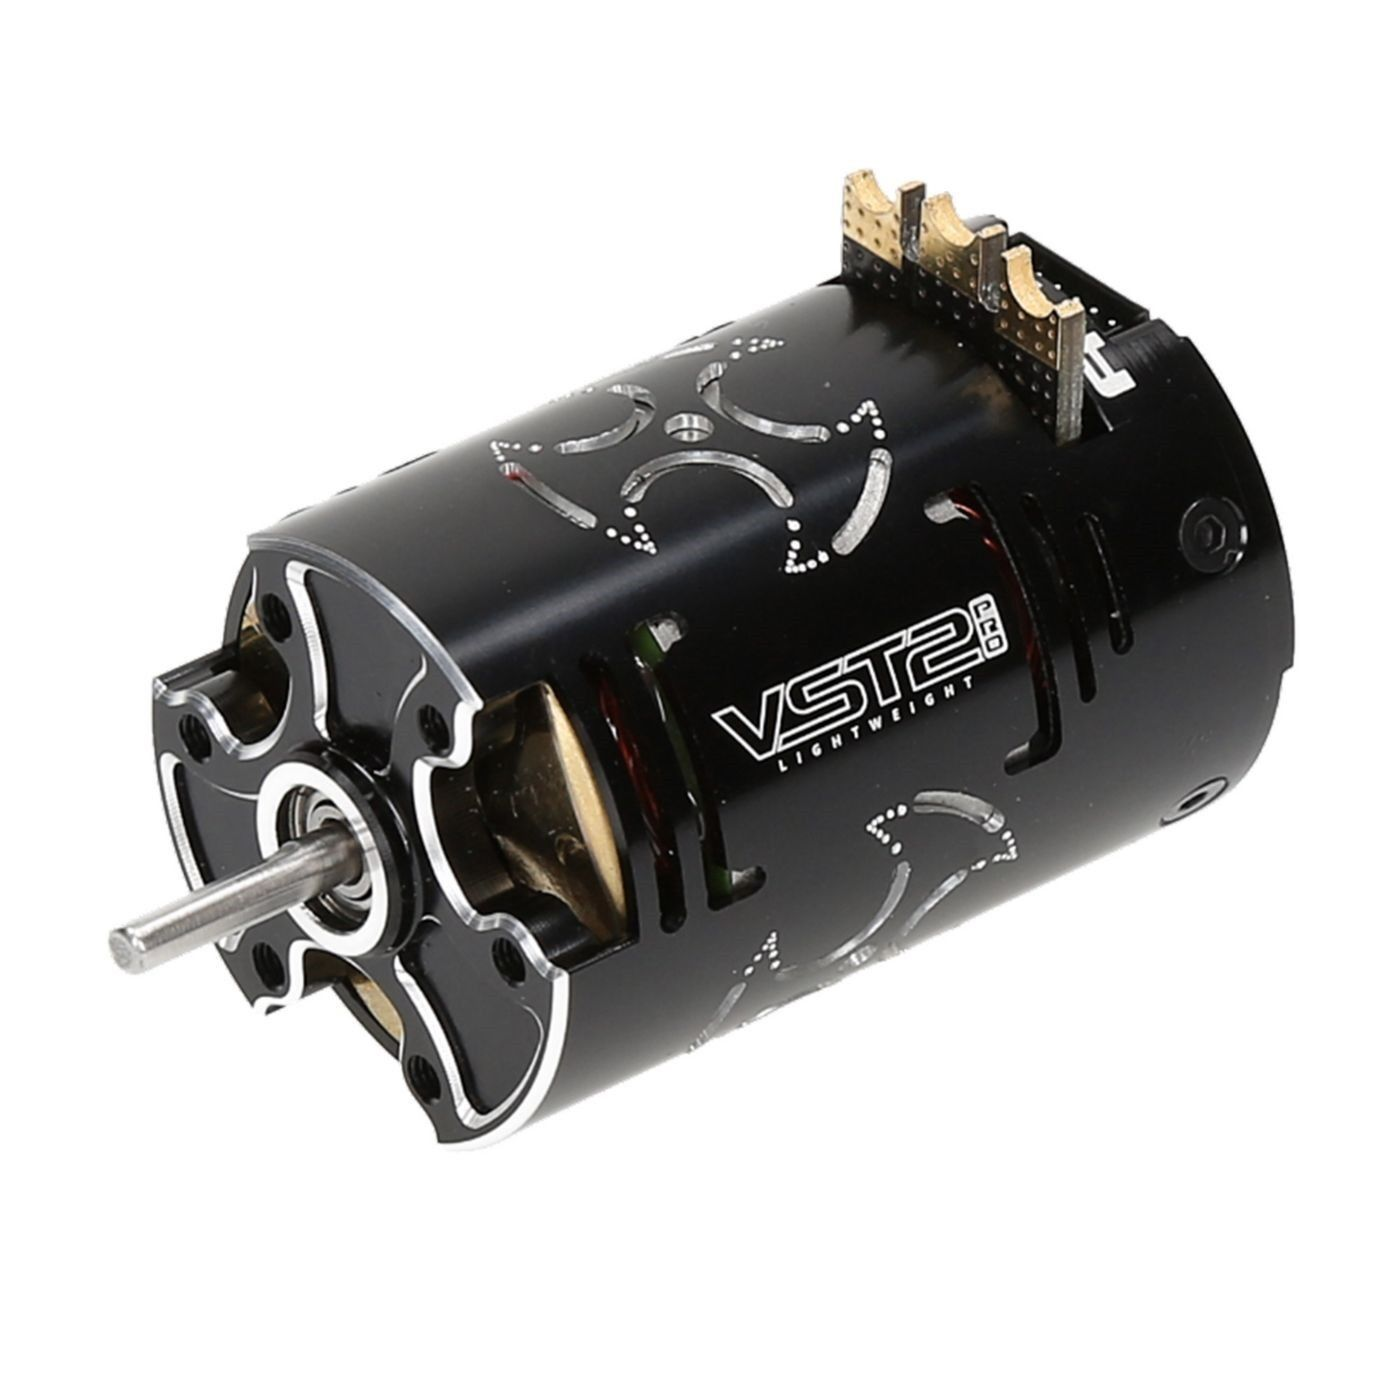 Orion Vortex VST2 Pro XLW Brushless Motor, 6.5T - ORI28322